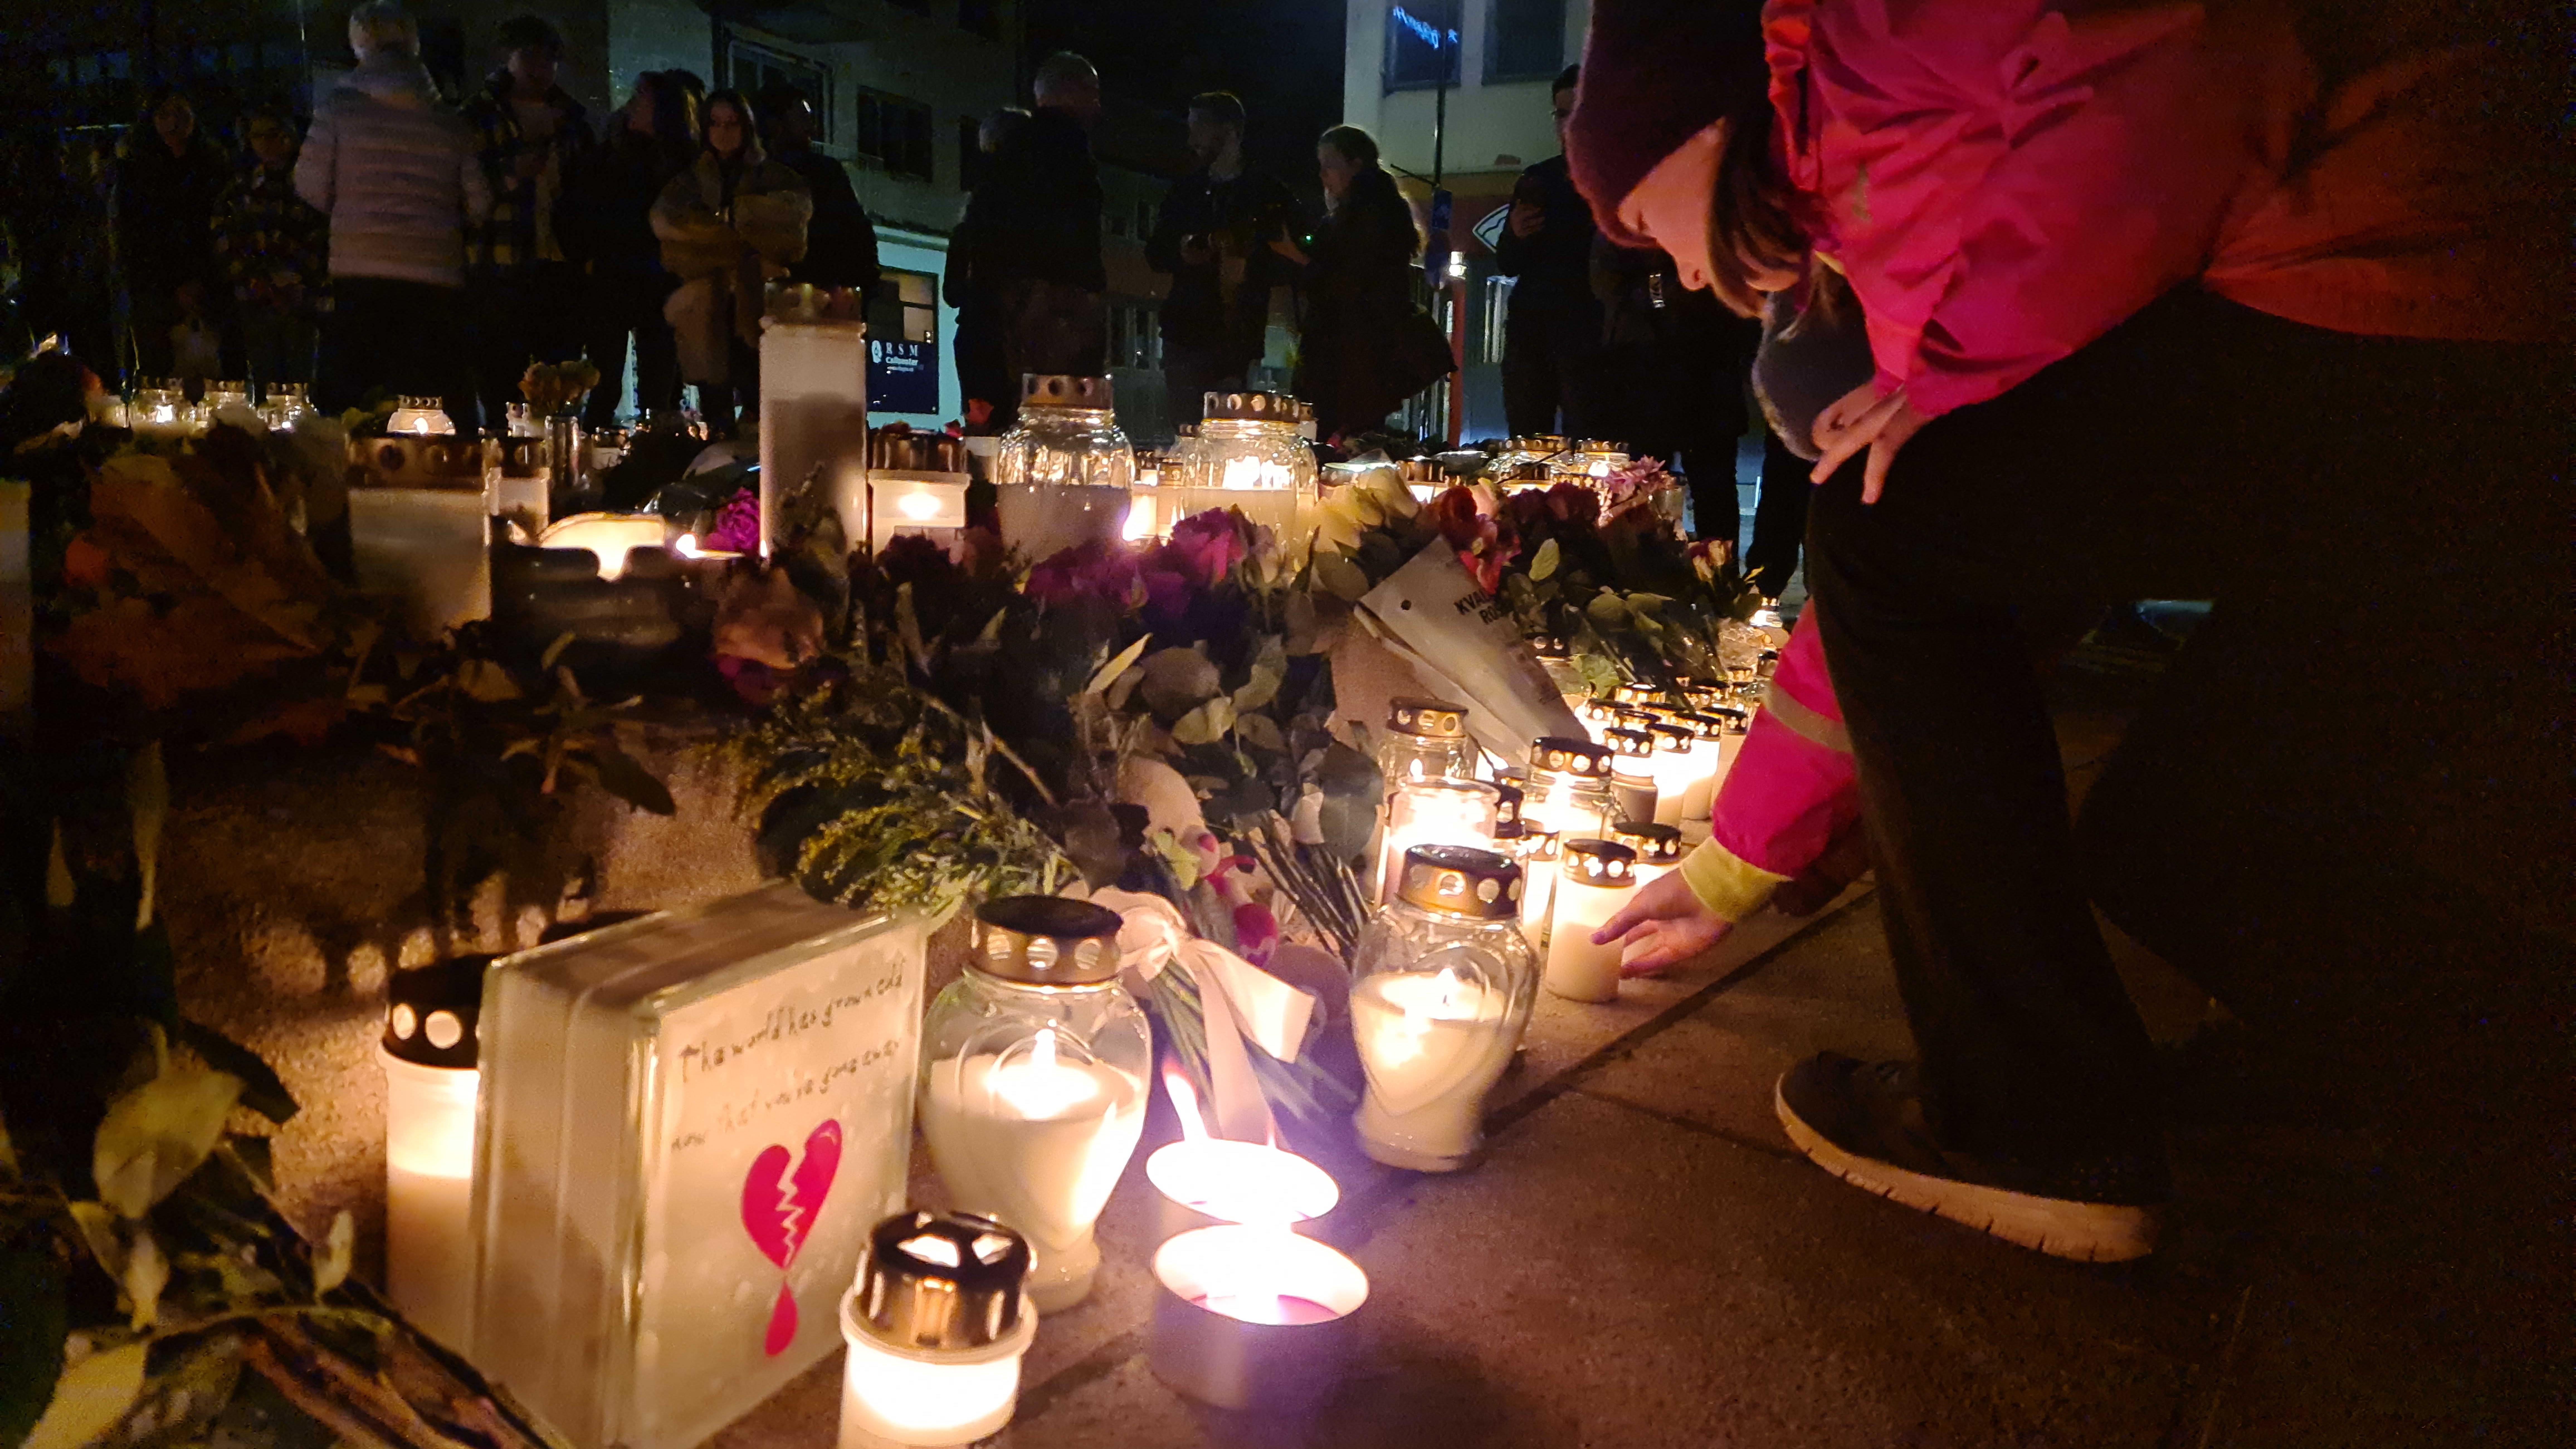 Konsbergin asukkaat toivat kukkia ja kynttilöitä keskiviikkoillan iskussa kuolleiden muistoksi.